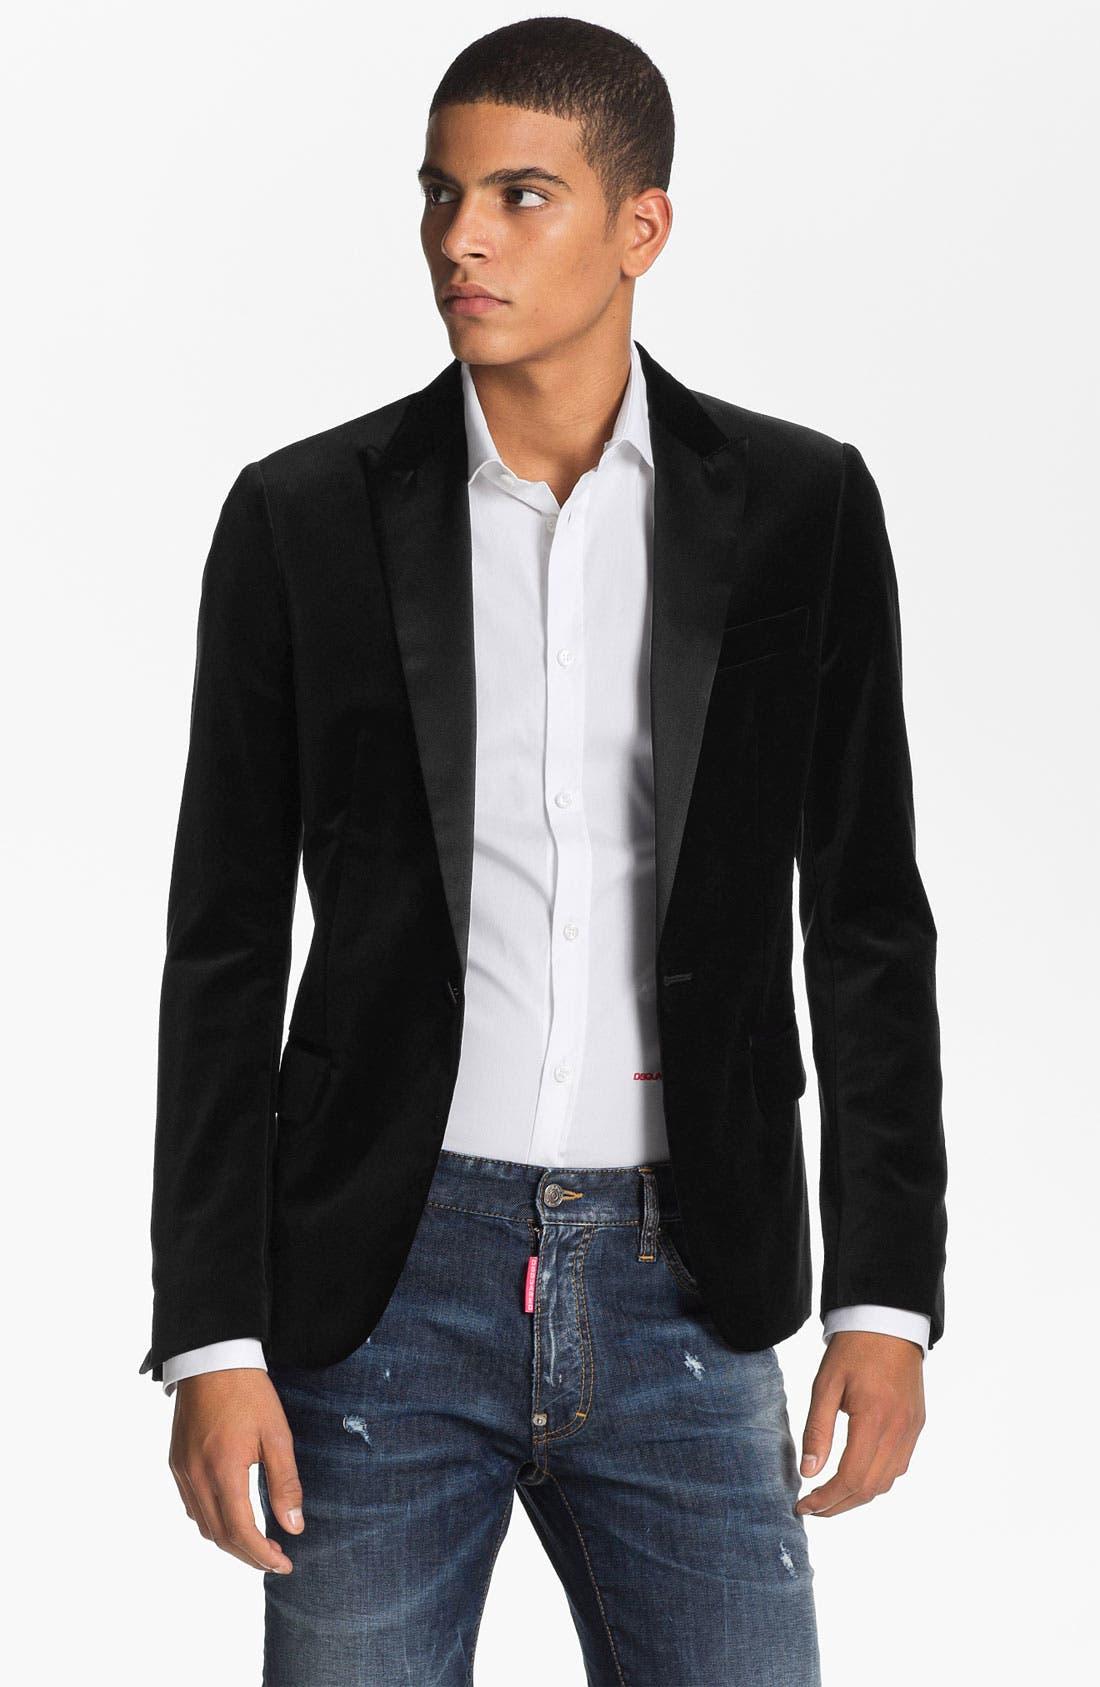 Main Image - Dsquared2 One Button Tuxedo Jacket